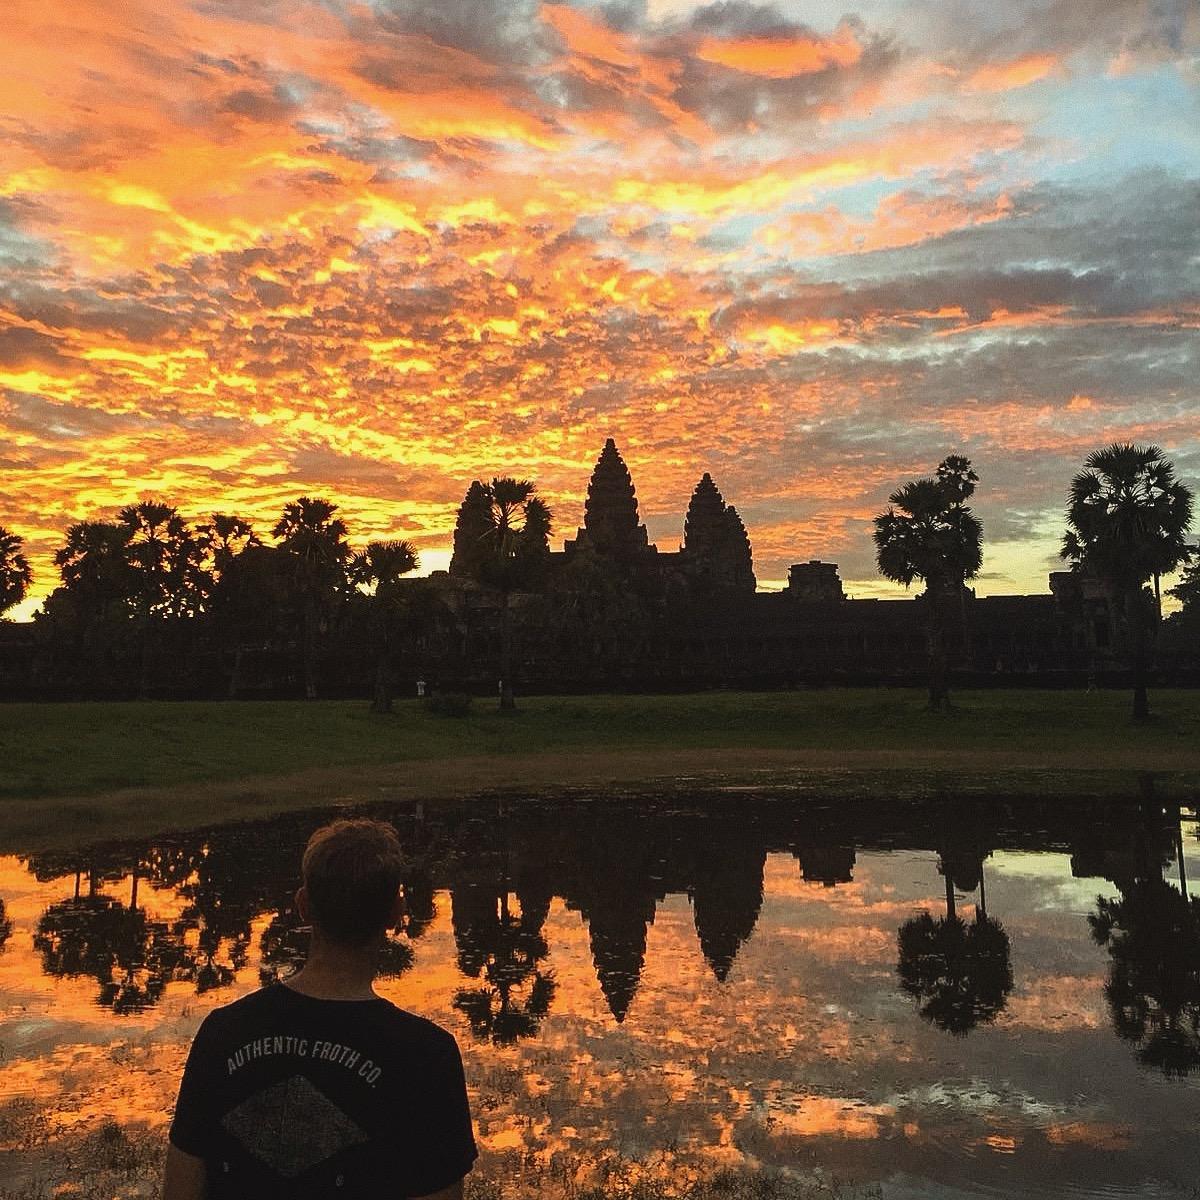 angkor wat sunrise tour cambodia, angkor wat entrance fee